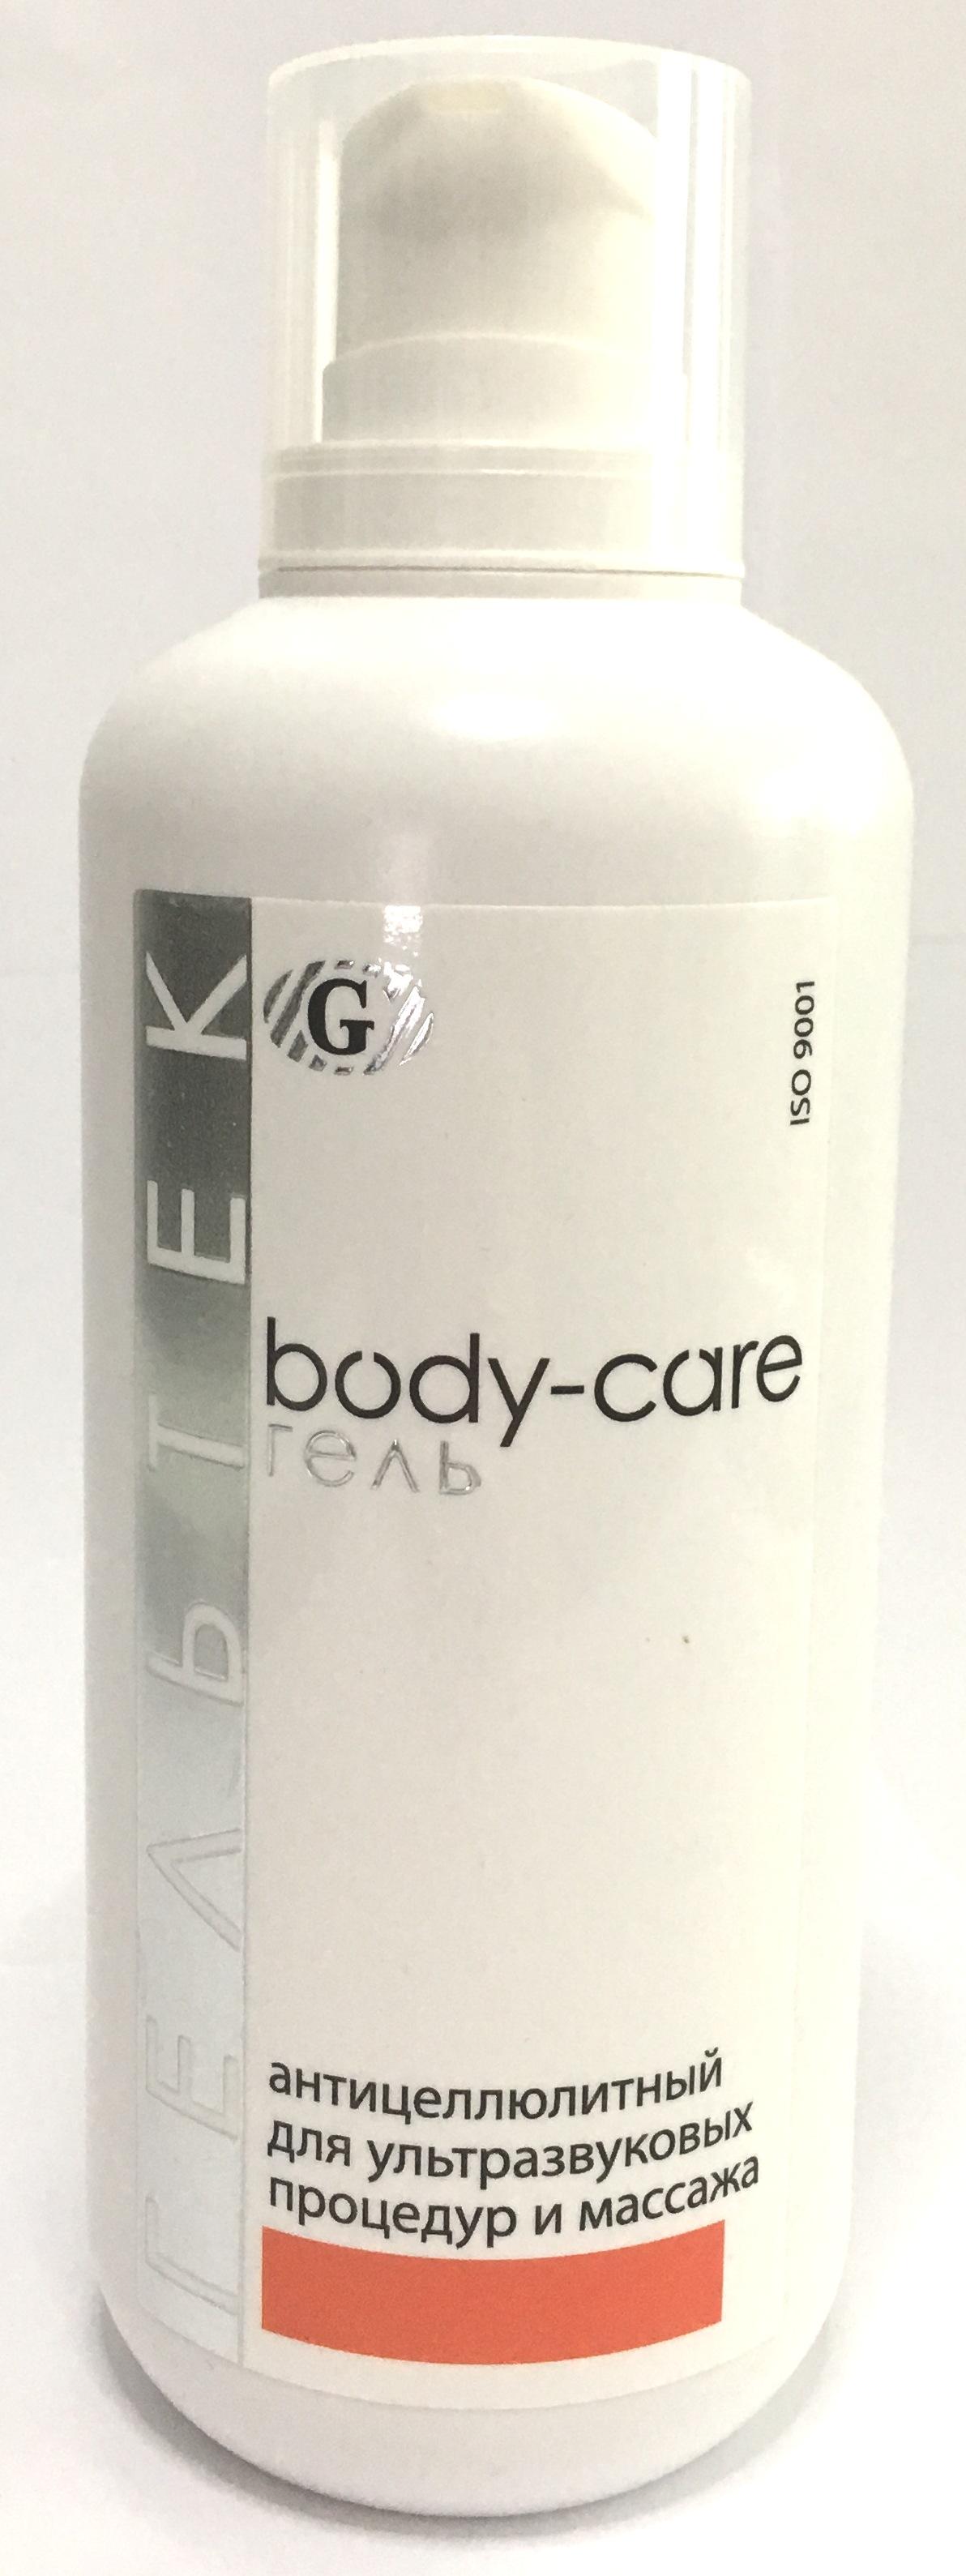 ГЕЛЬТЕК Гель антицеллюлитный для ультразвуковых процедур и массажа / Body 500 г -  Гели